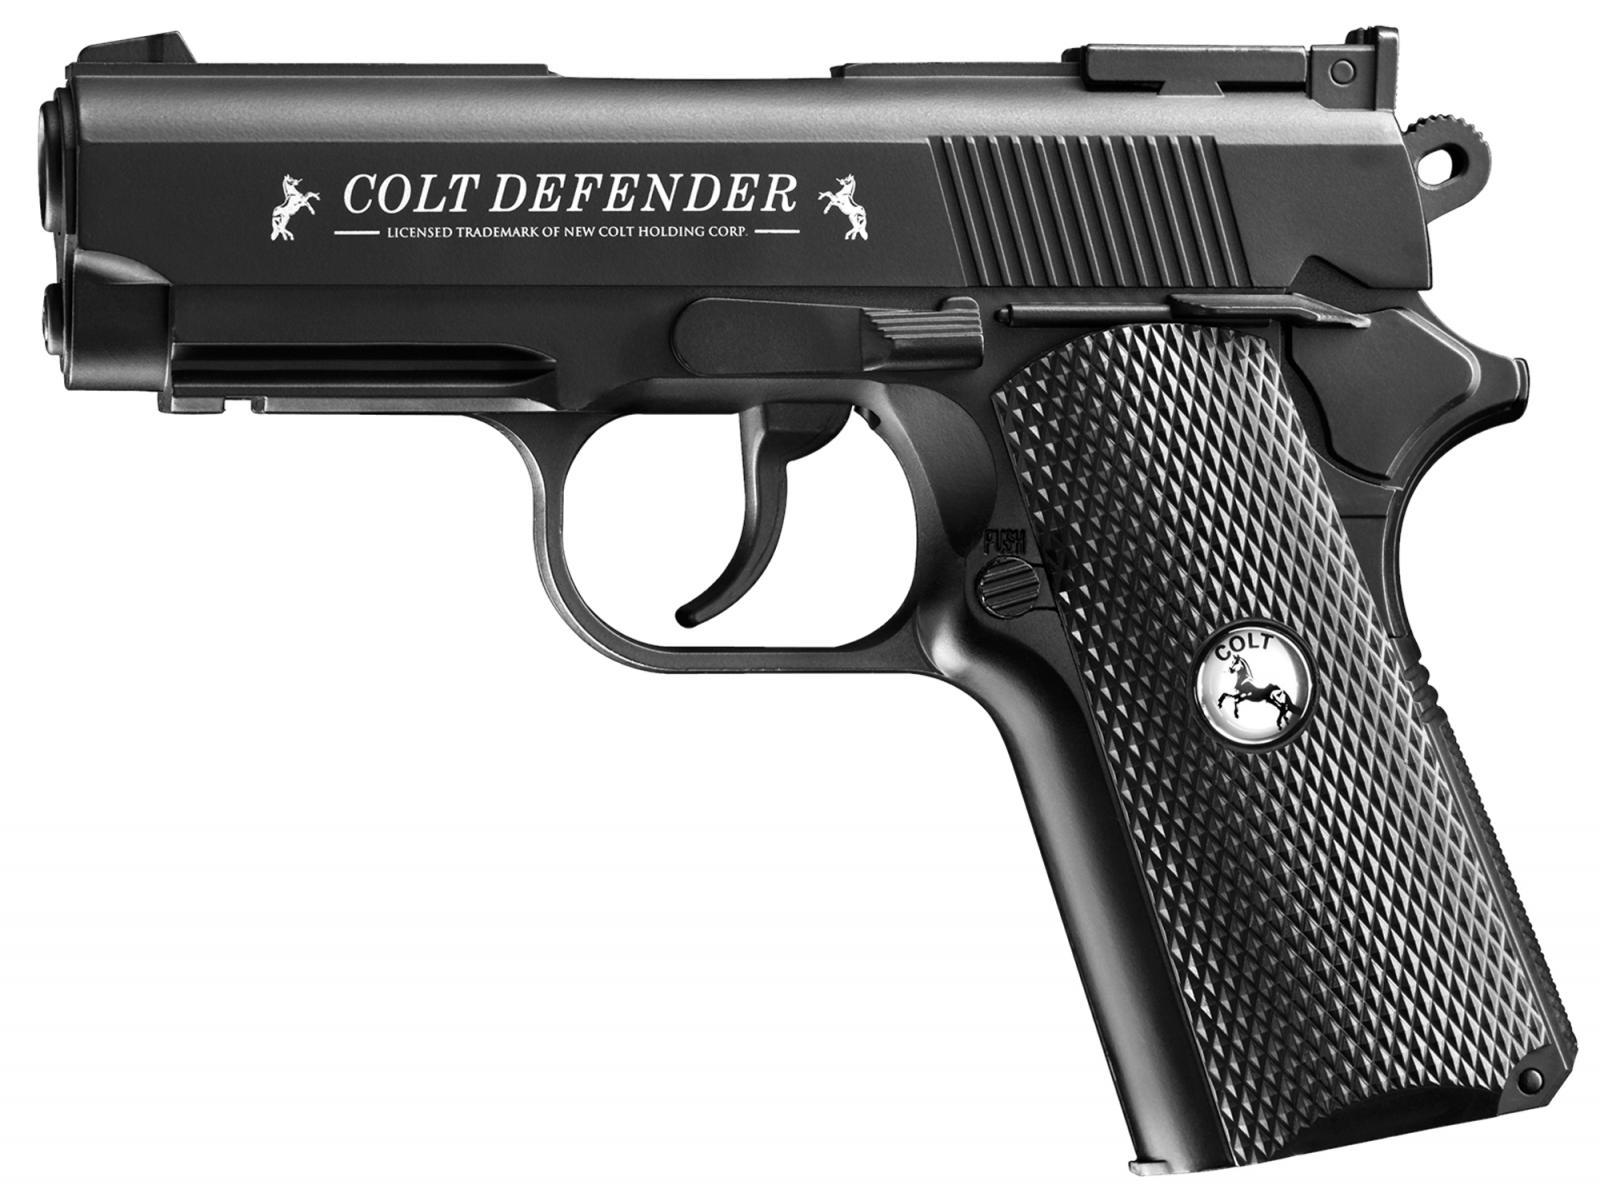 Pistolet C02 COLT DEFENDER cal 4.5 mm